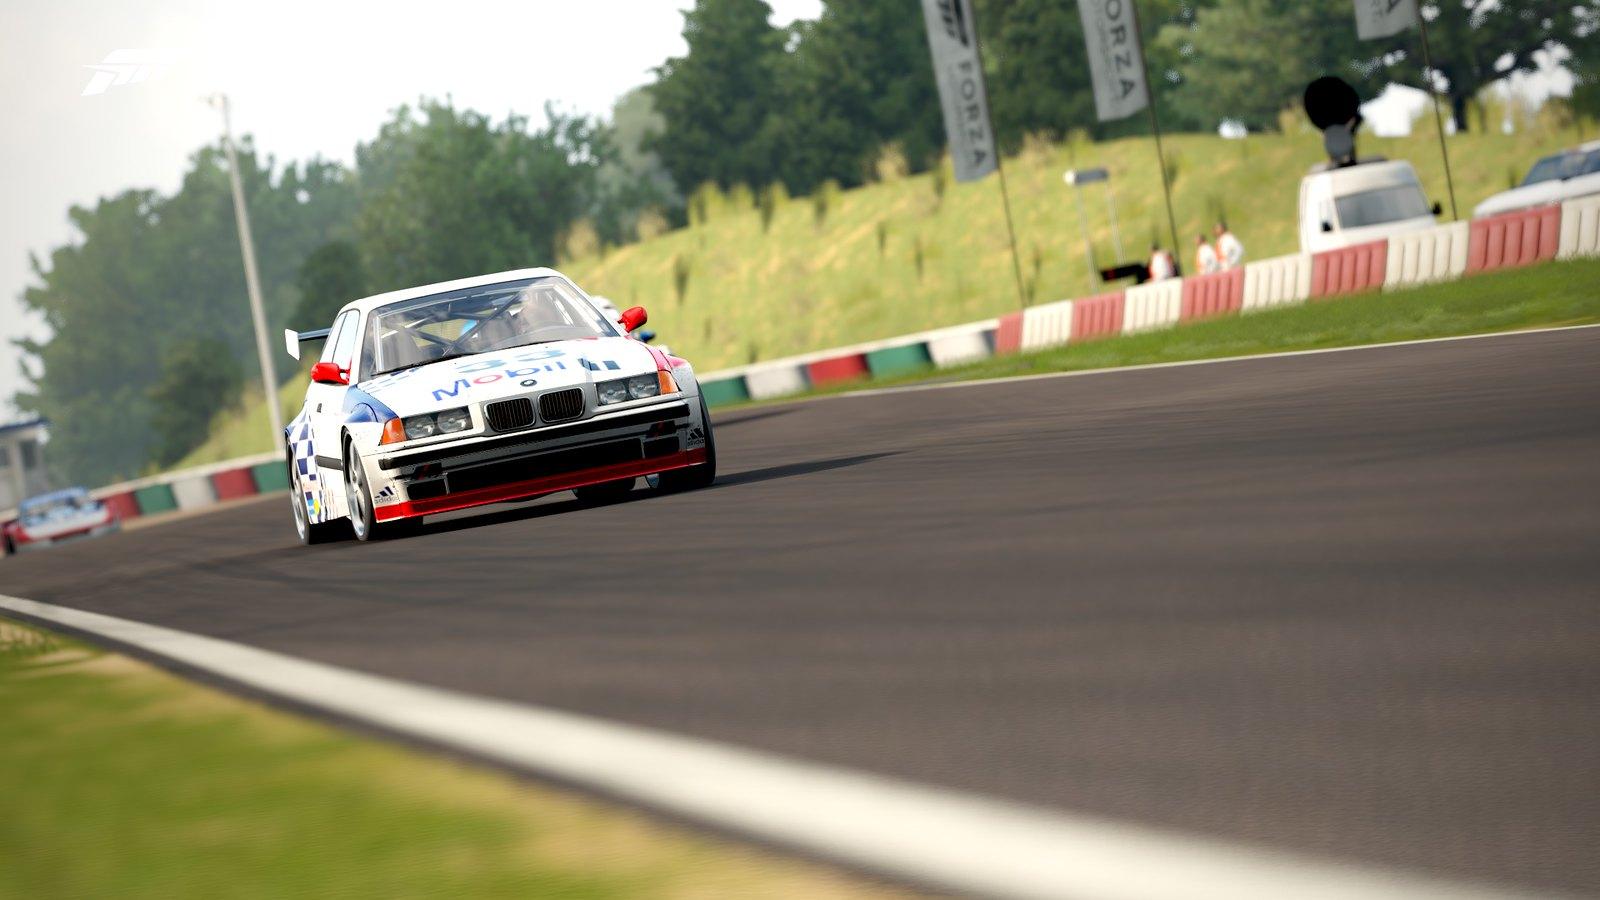 39497722105_6d4748e3da_h ForzaMotorsport.fr